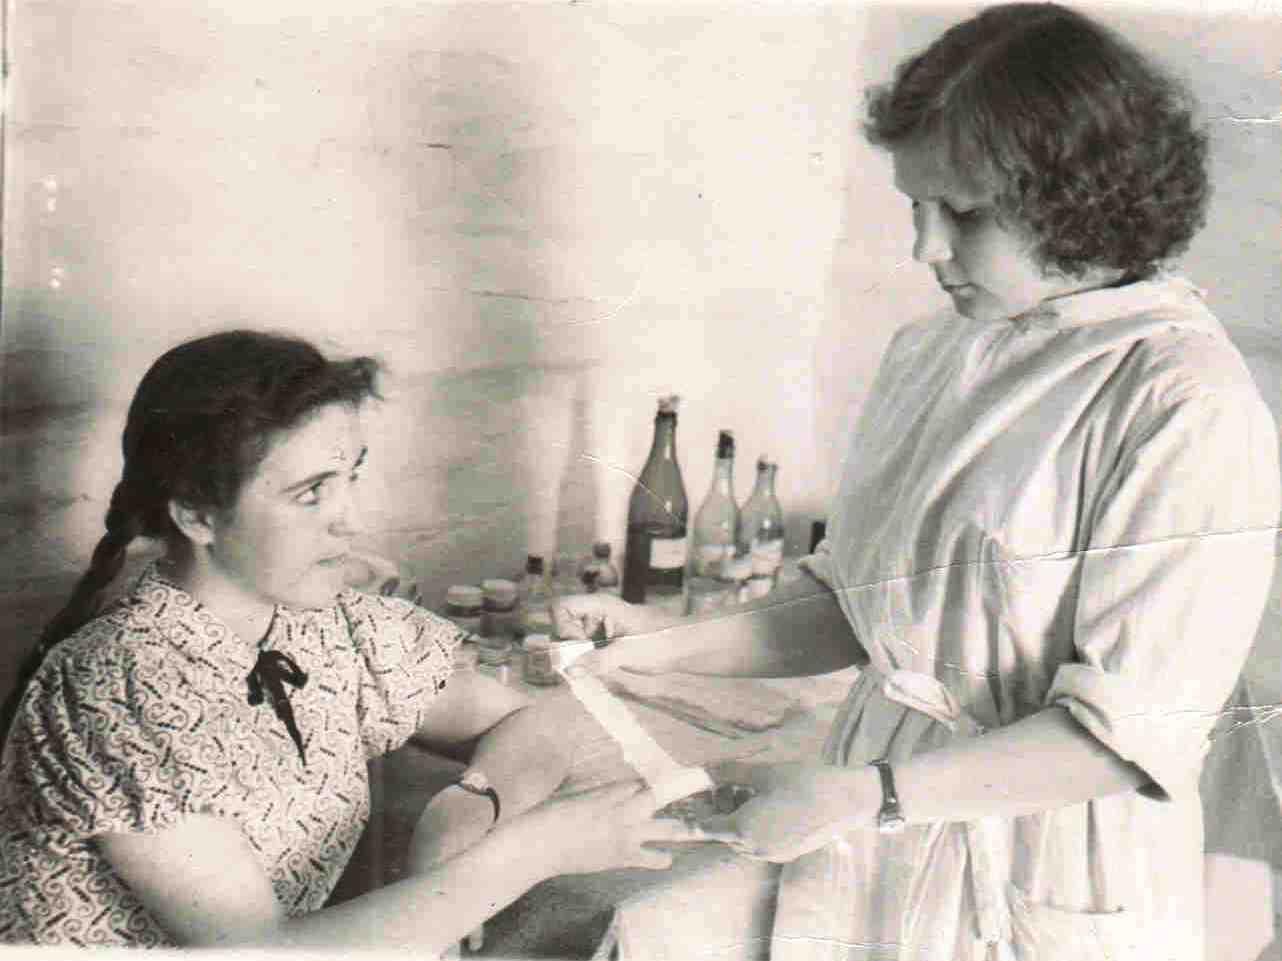 1959, май. п. Вандыш. Кабинет фельдшерско-акушерского пункта. На приеме у Кравец Раисы Николаевны (2)